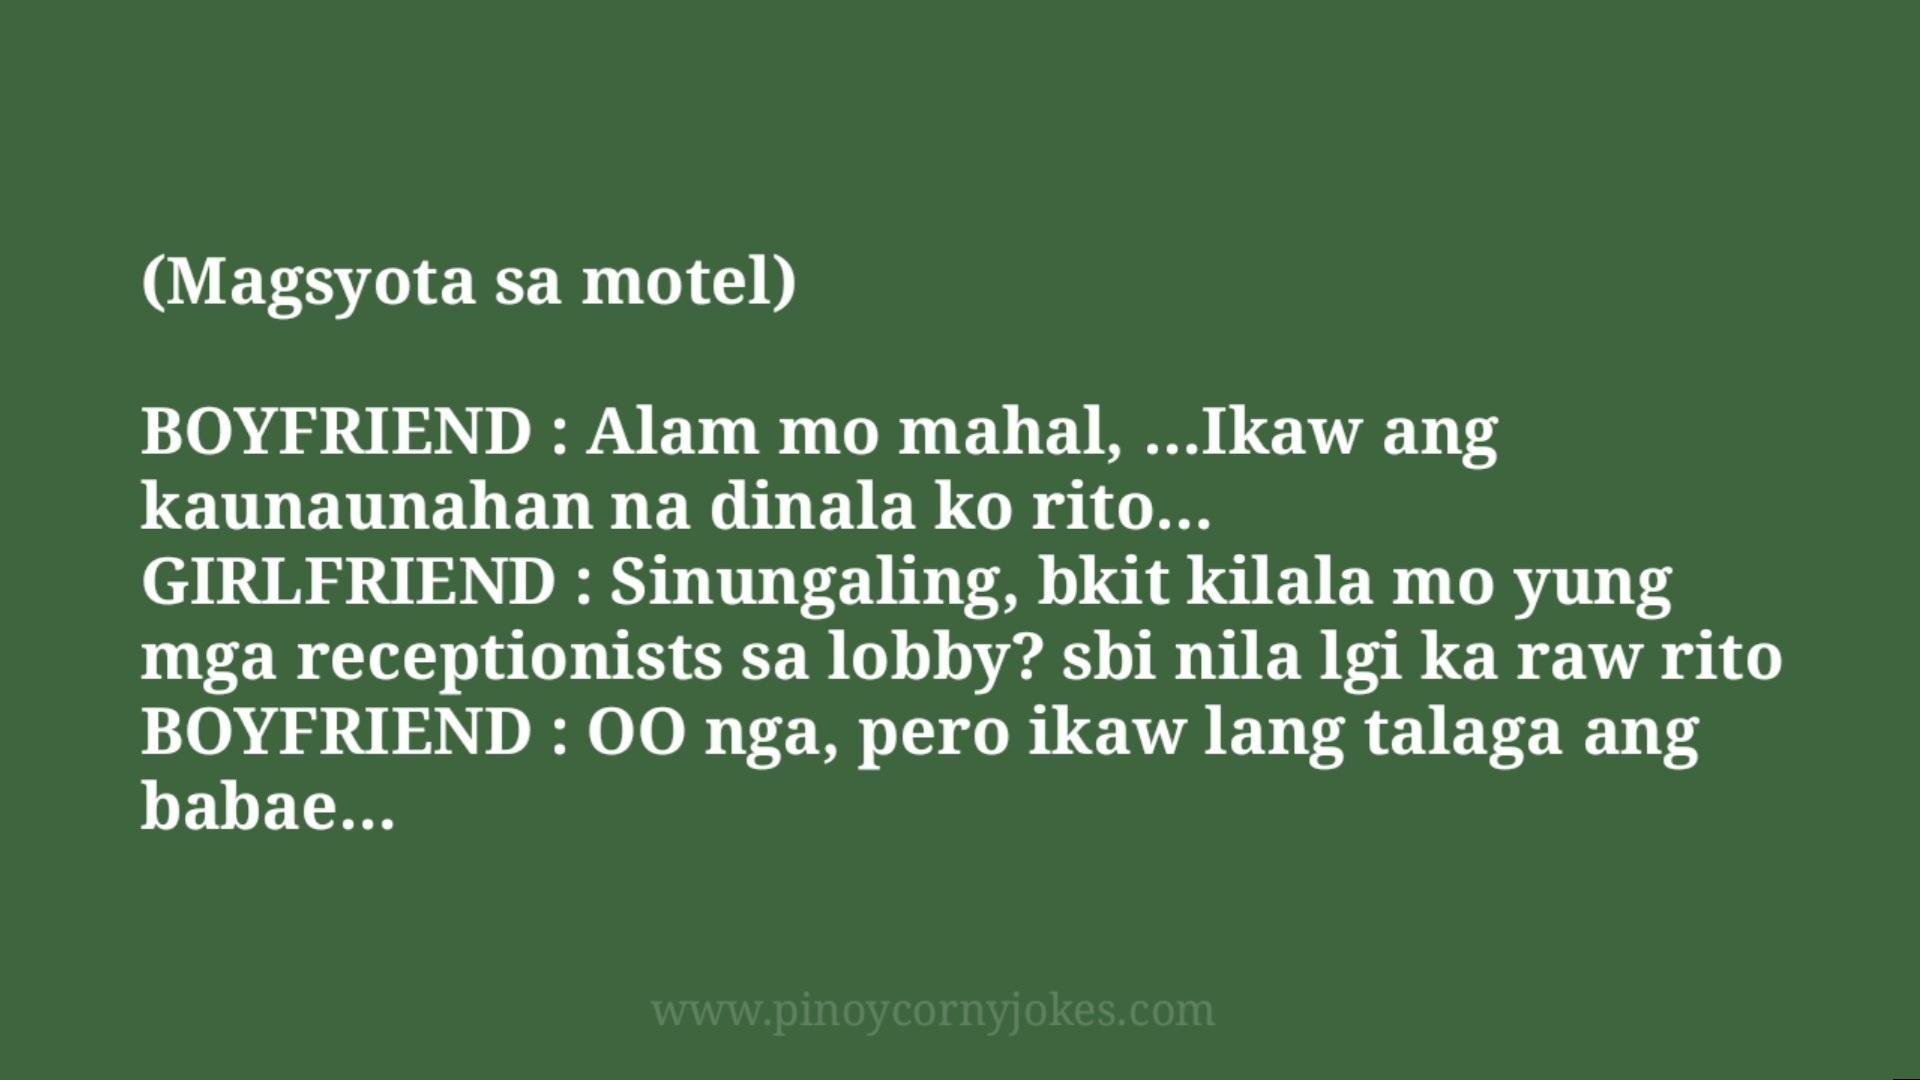 magsyota sa motel tagalog jokes